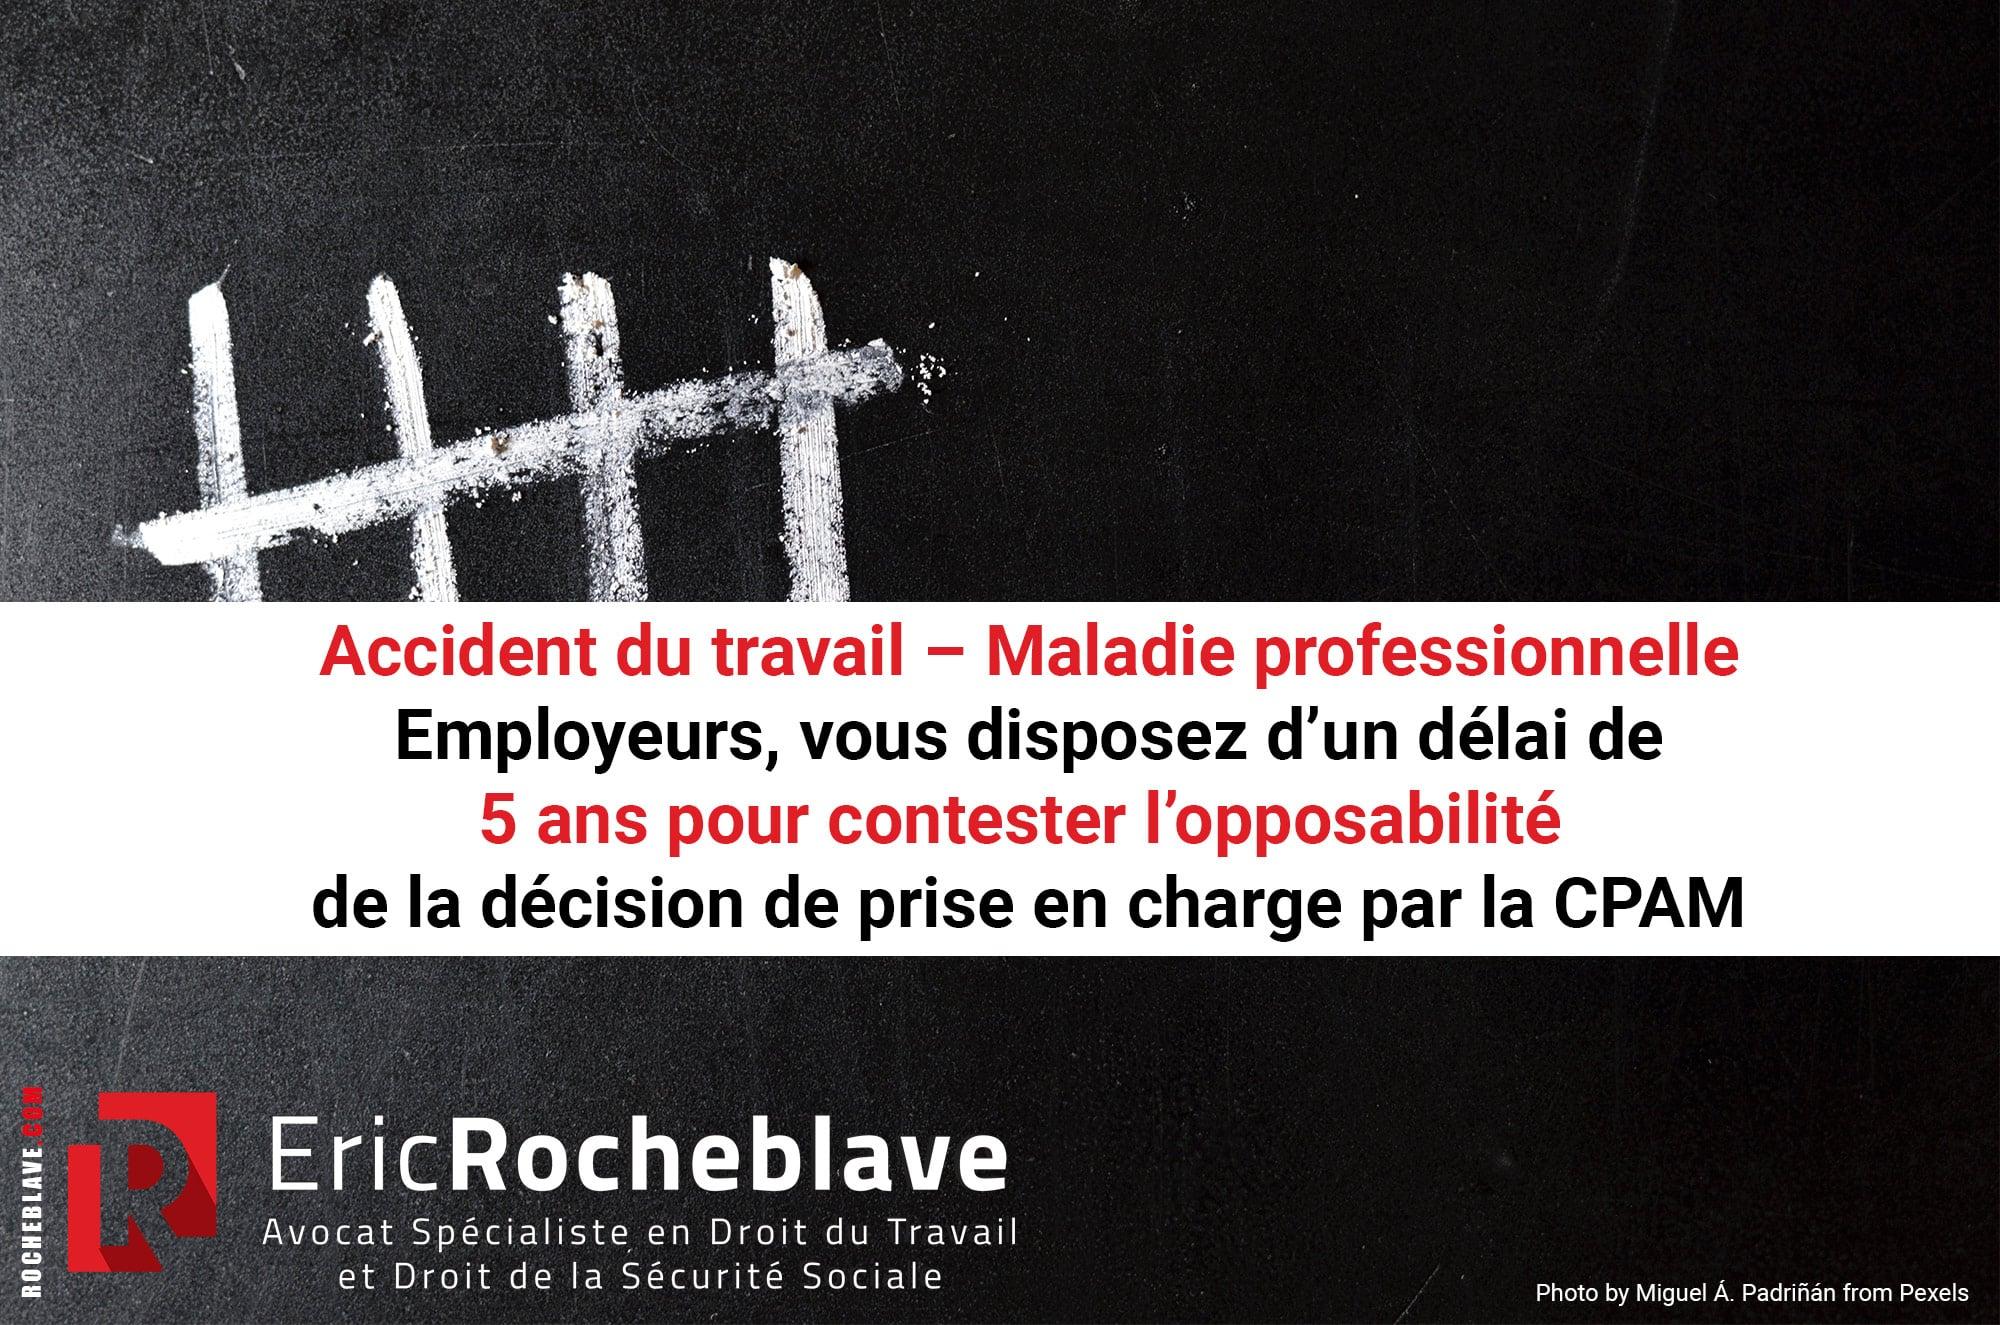 Accident du travail – Maladie professionnelle :Employeurs, vous disposez d'un délai de5 ans pour contester l'opposabilitéde la décision de prise en charge par la CPAM